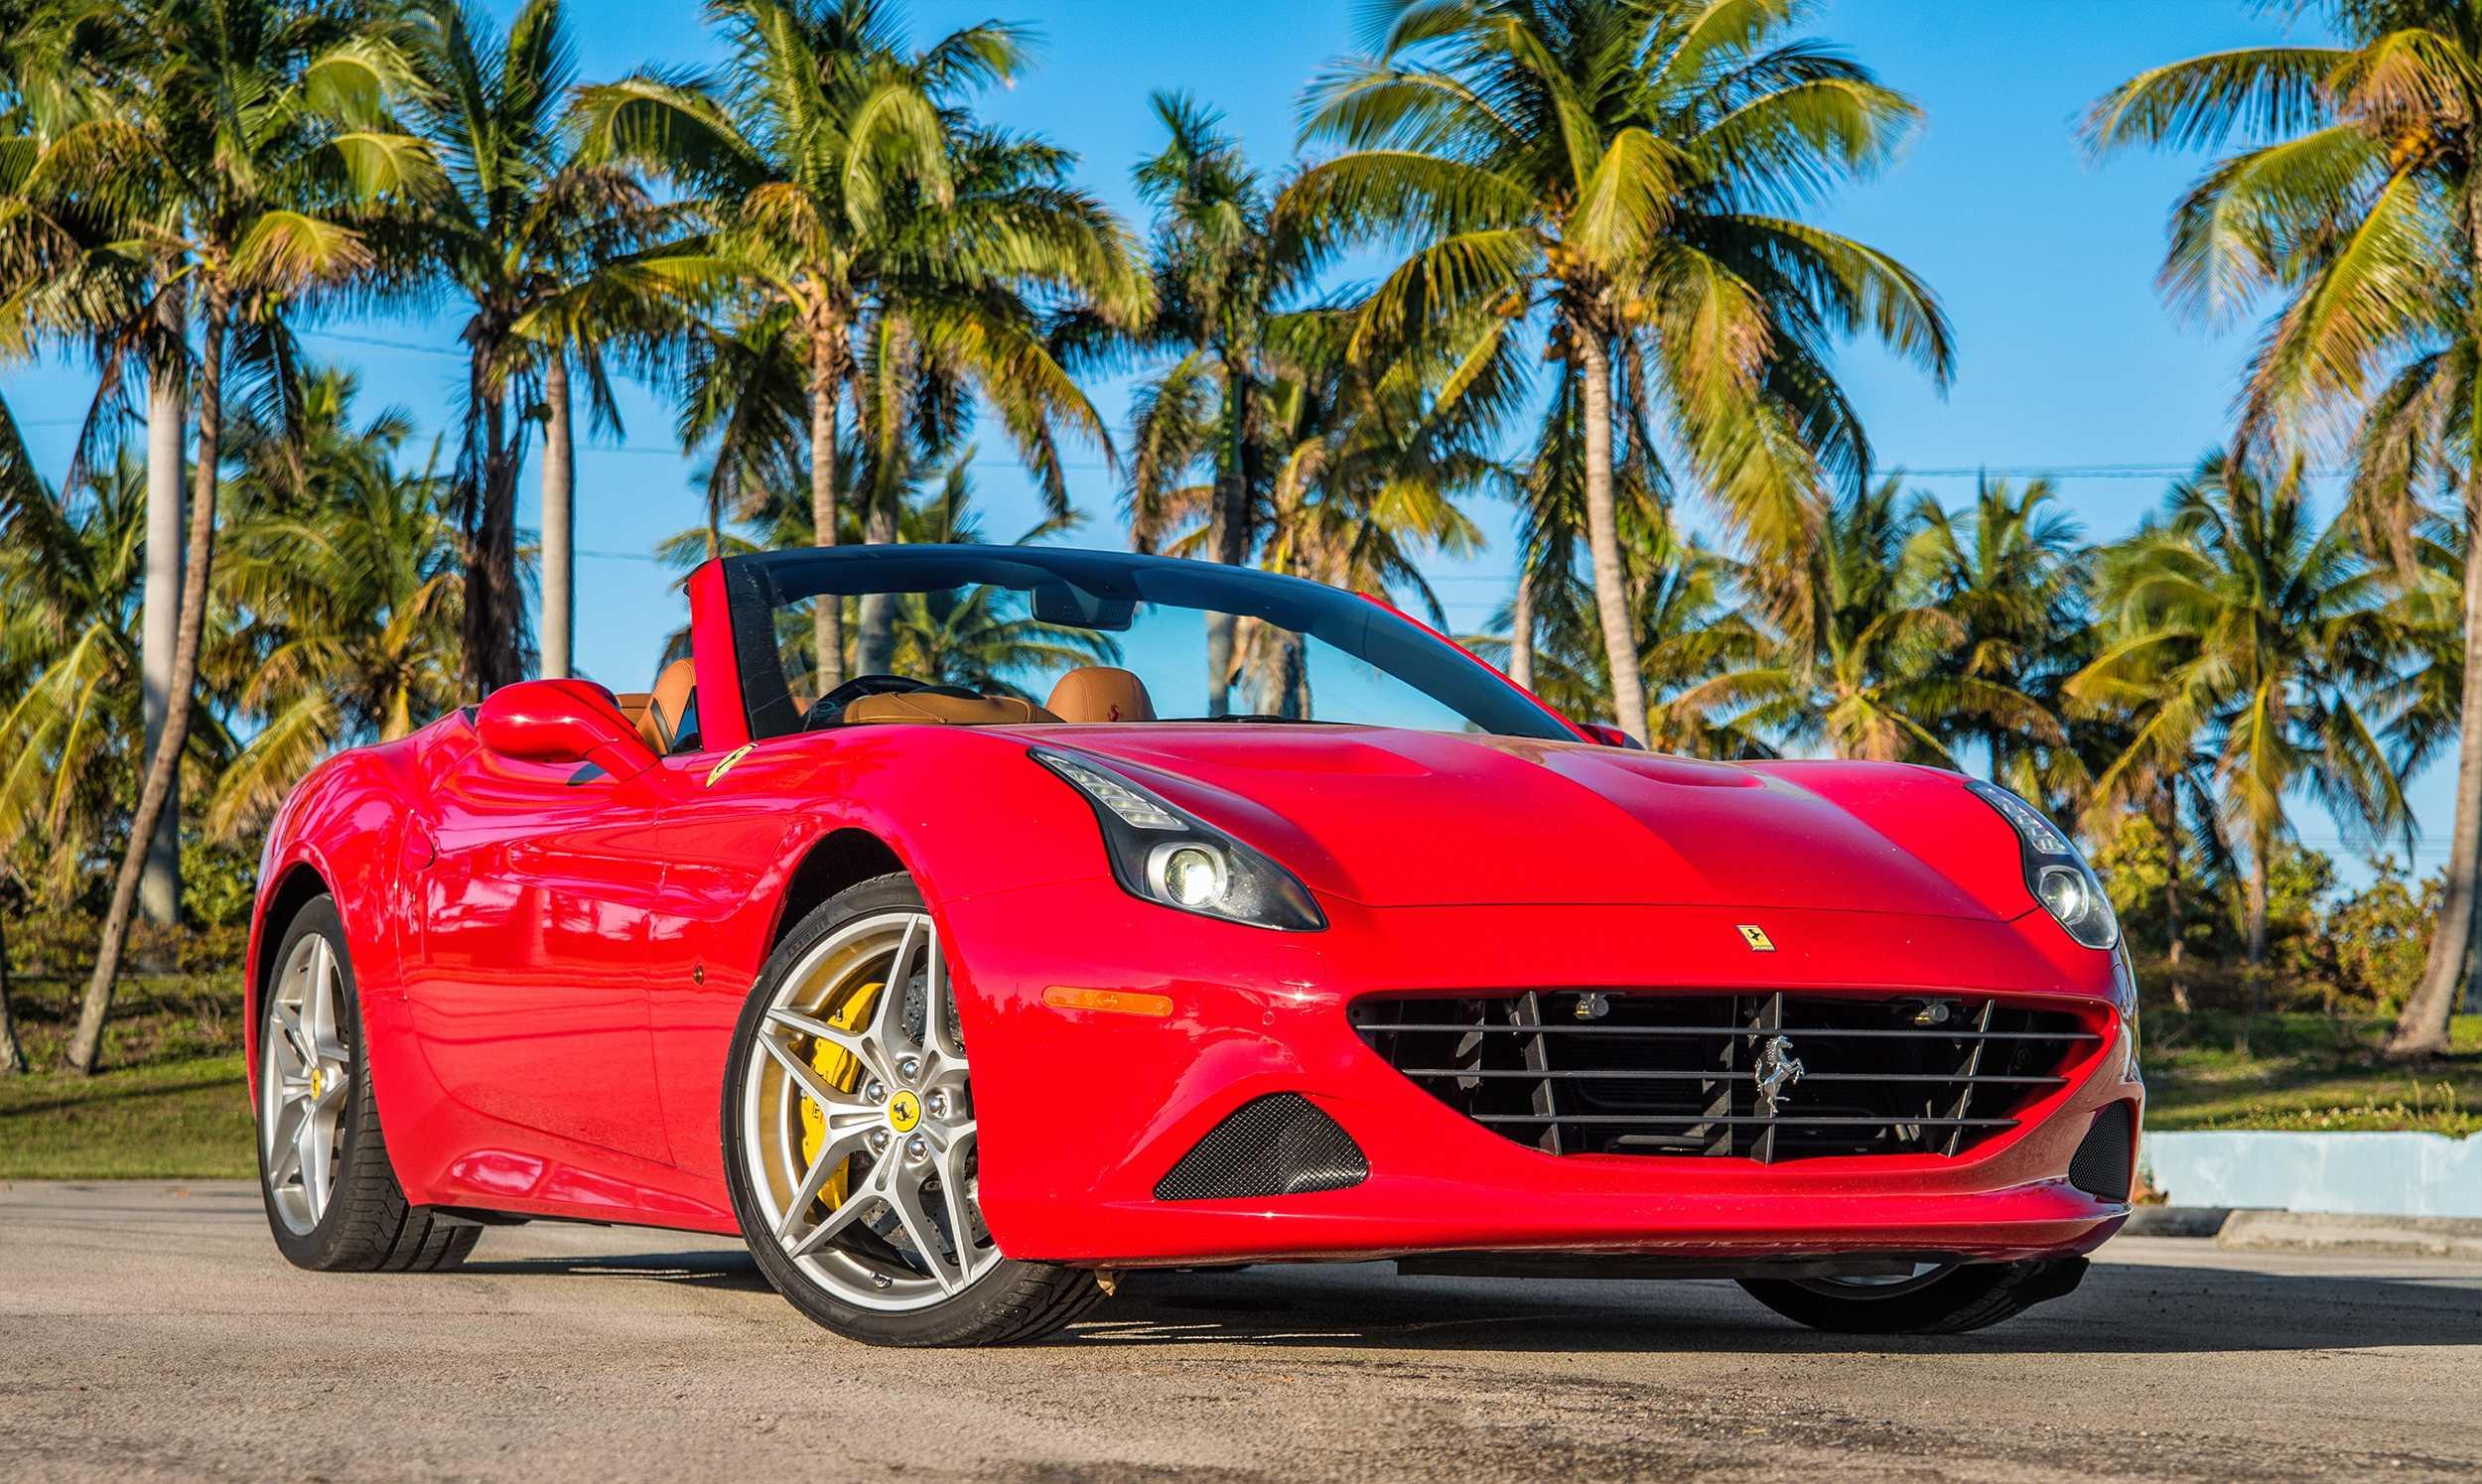 Rent Ferrari California T 2018 Ferrari California T 2018 Pugachev Miami